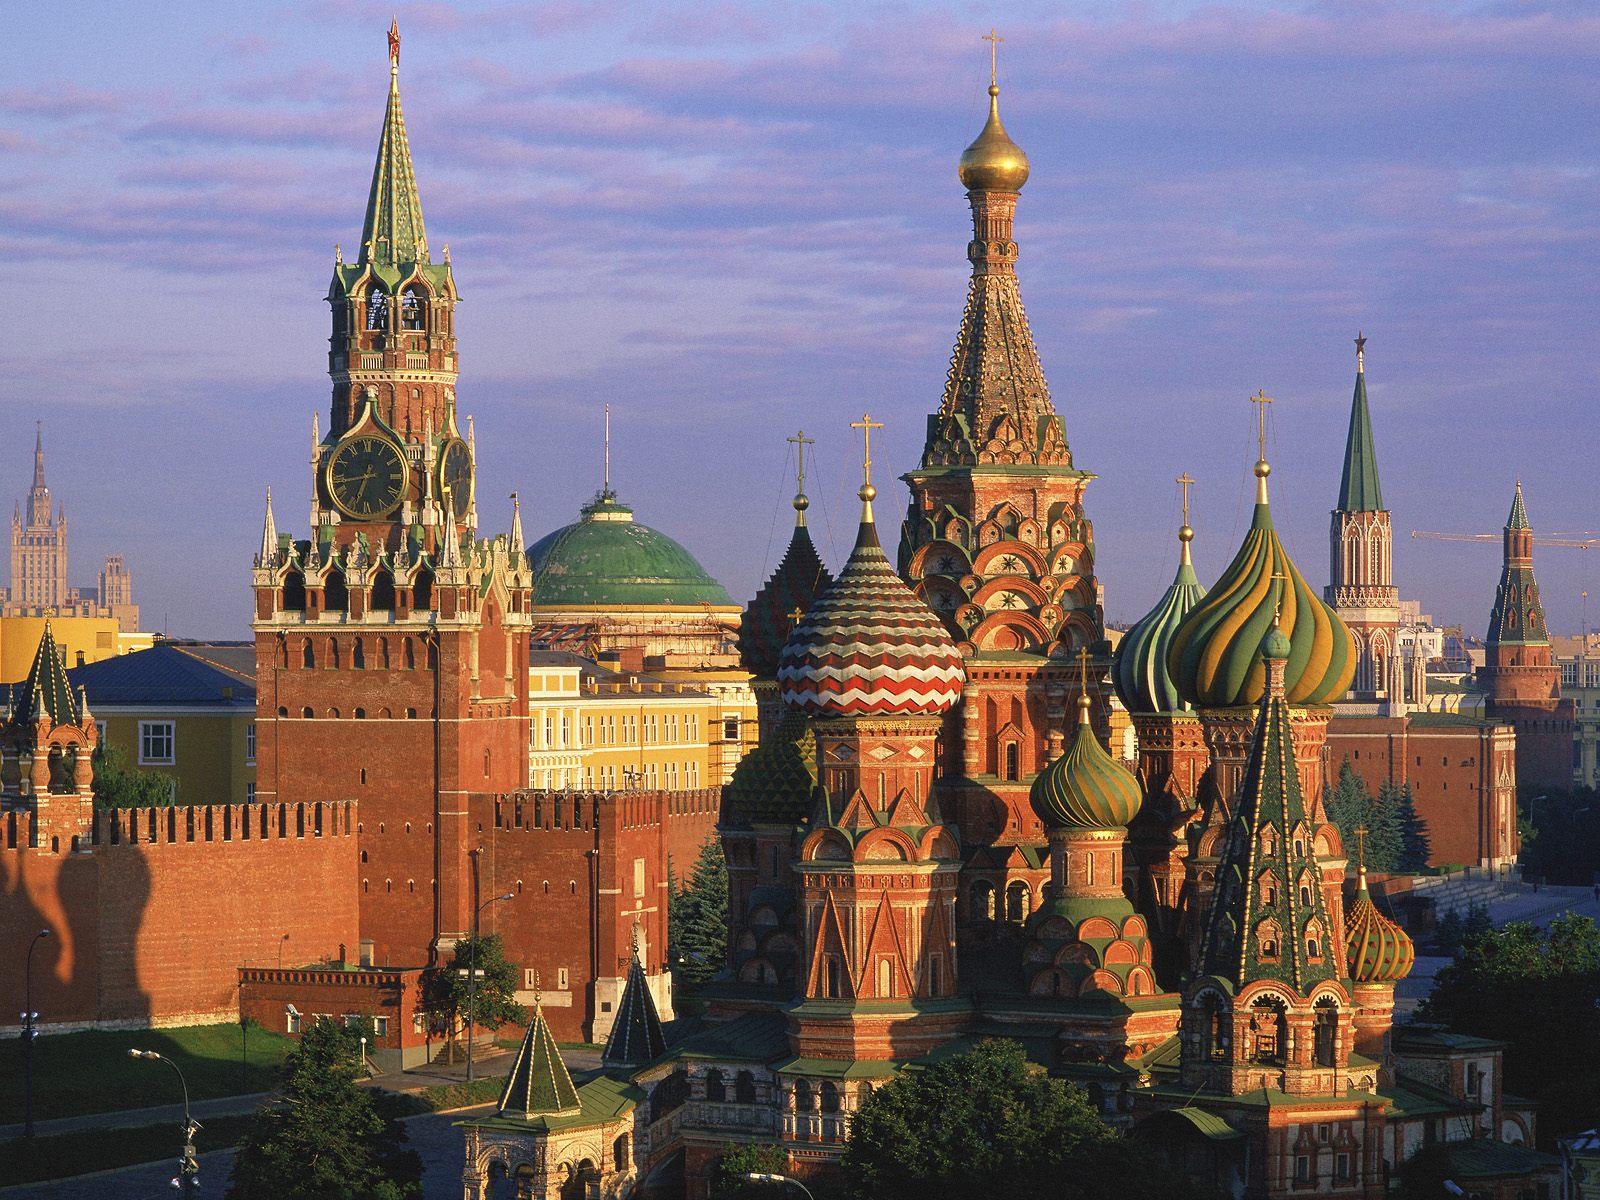 http://3.bp.blogspot.com/-Qx5mEQqr0Qs/TV2rojKmvoI/AAAAAAAAA94/wiDEf2CliUc/s1600/Russia-Wallpaper_18220115.jpg